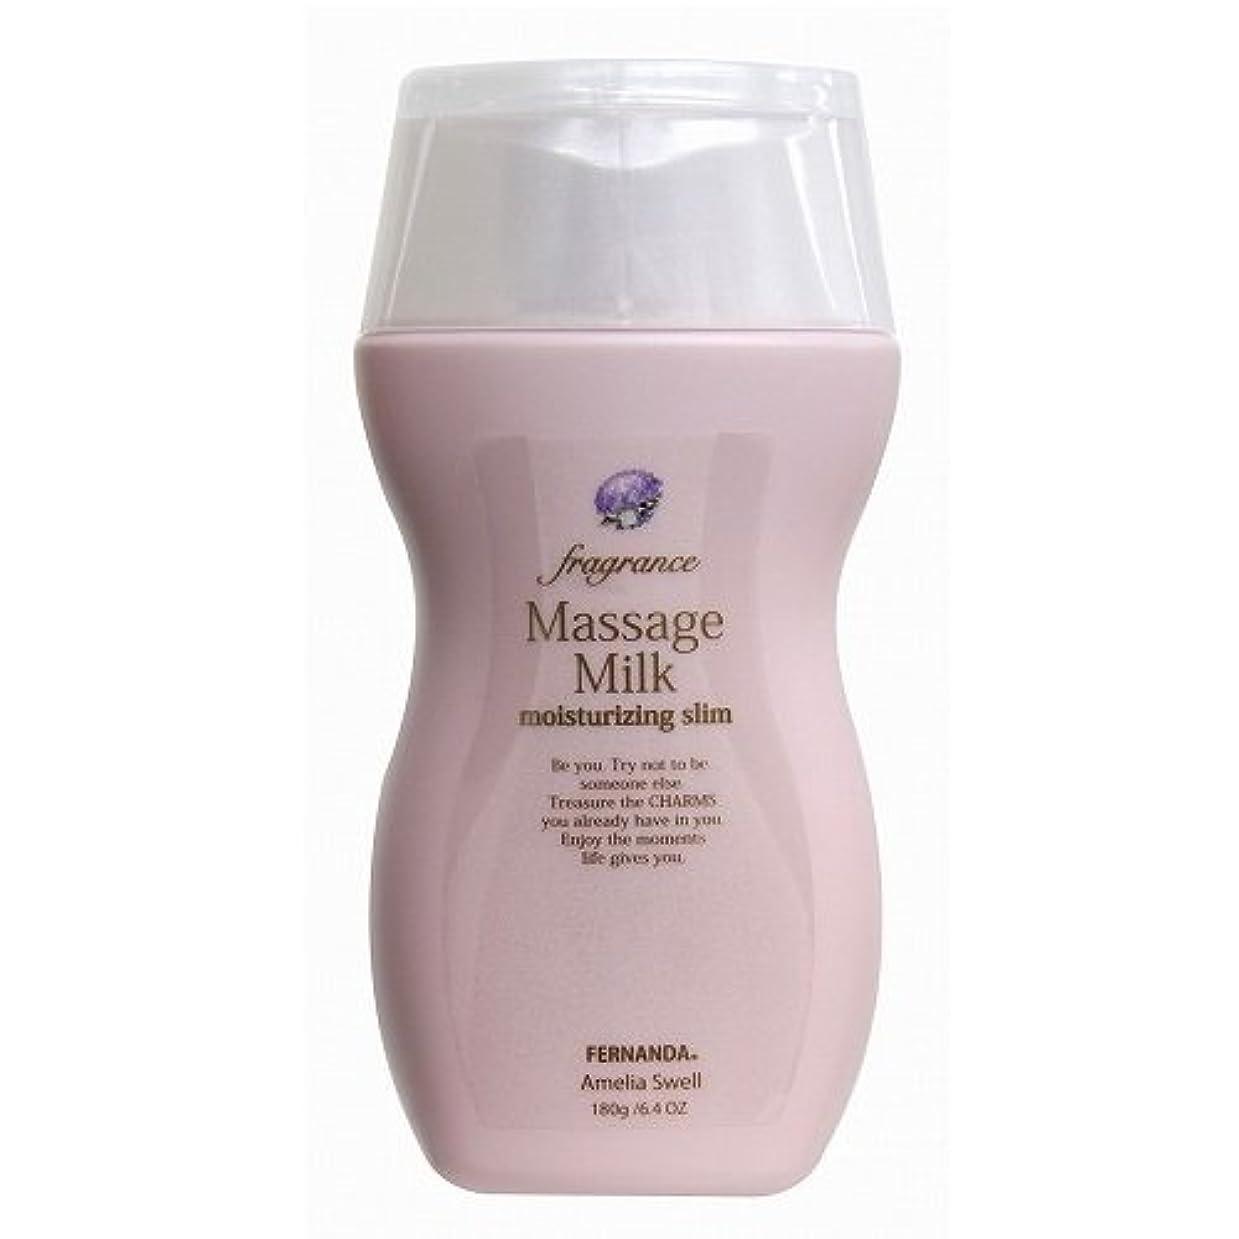 成熟した絶妙反対するFERNANDA(フェルナンダ) Massage Milk Amelia Swell (マッサージミルク アメリアスウェル)